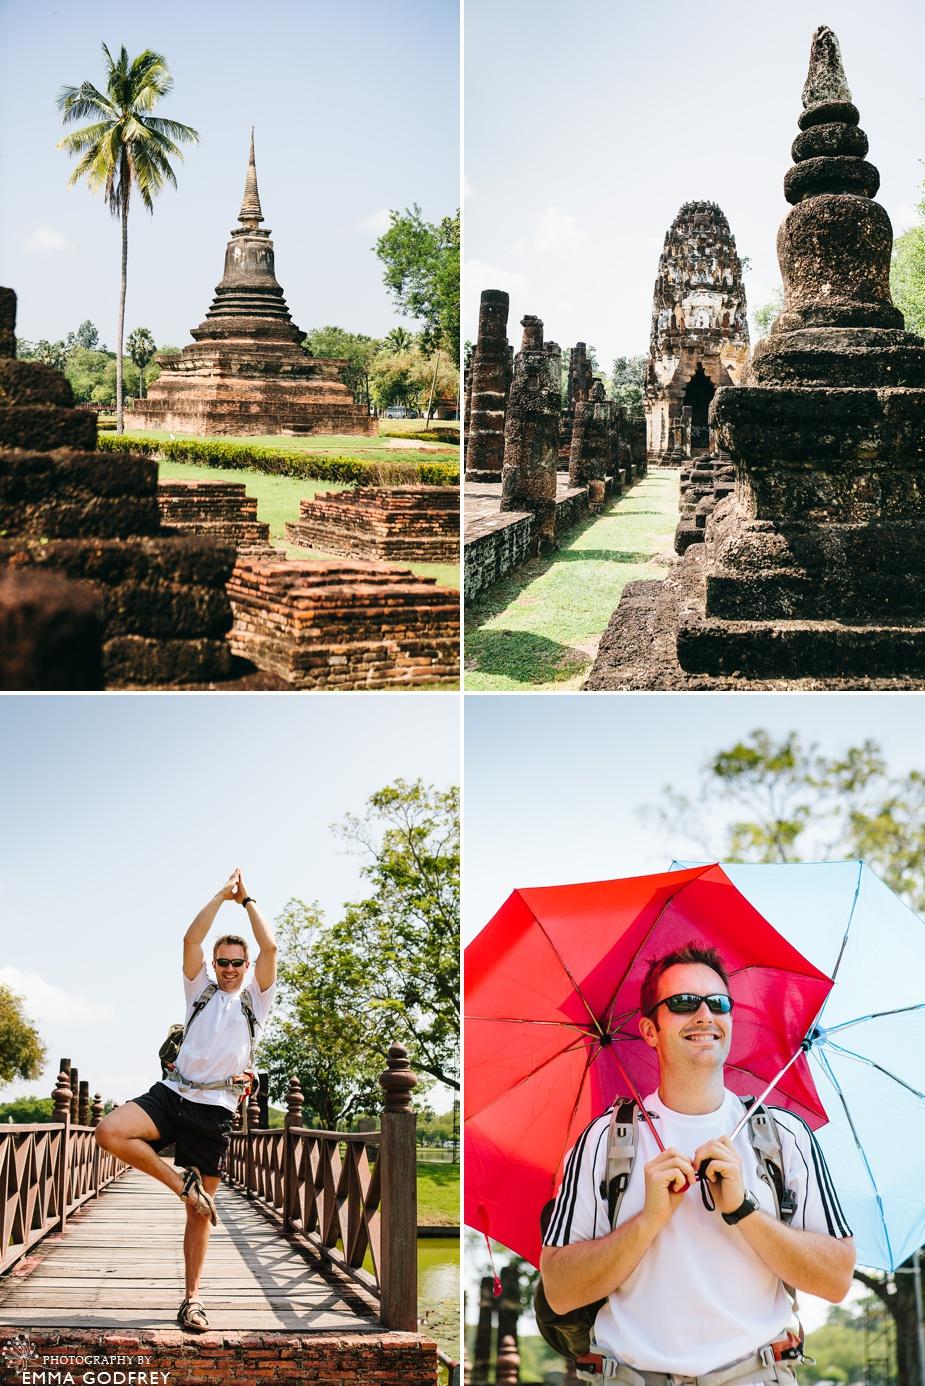 Thailand-Sukhothai-05.jpg